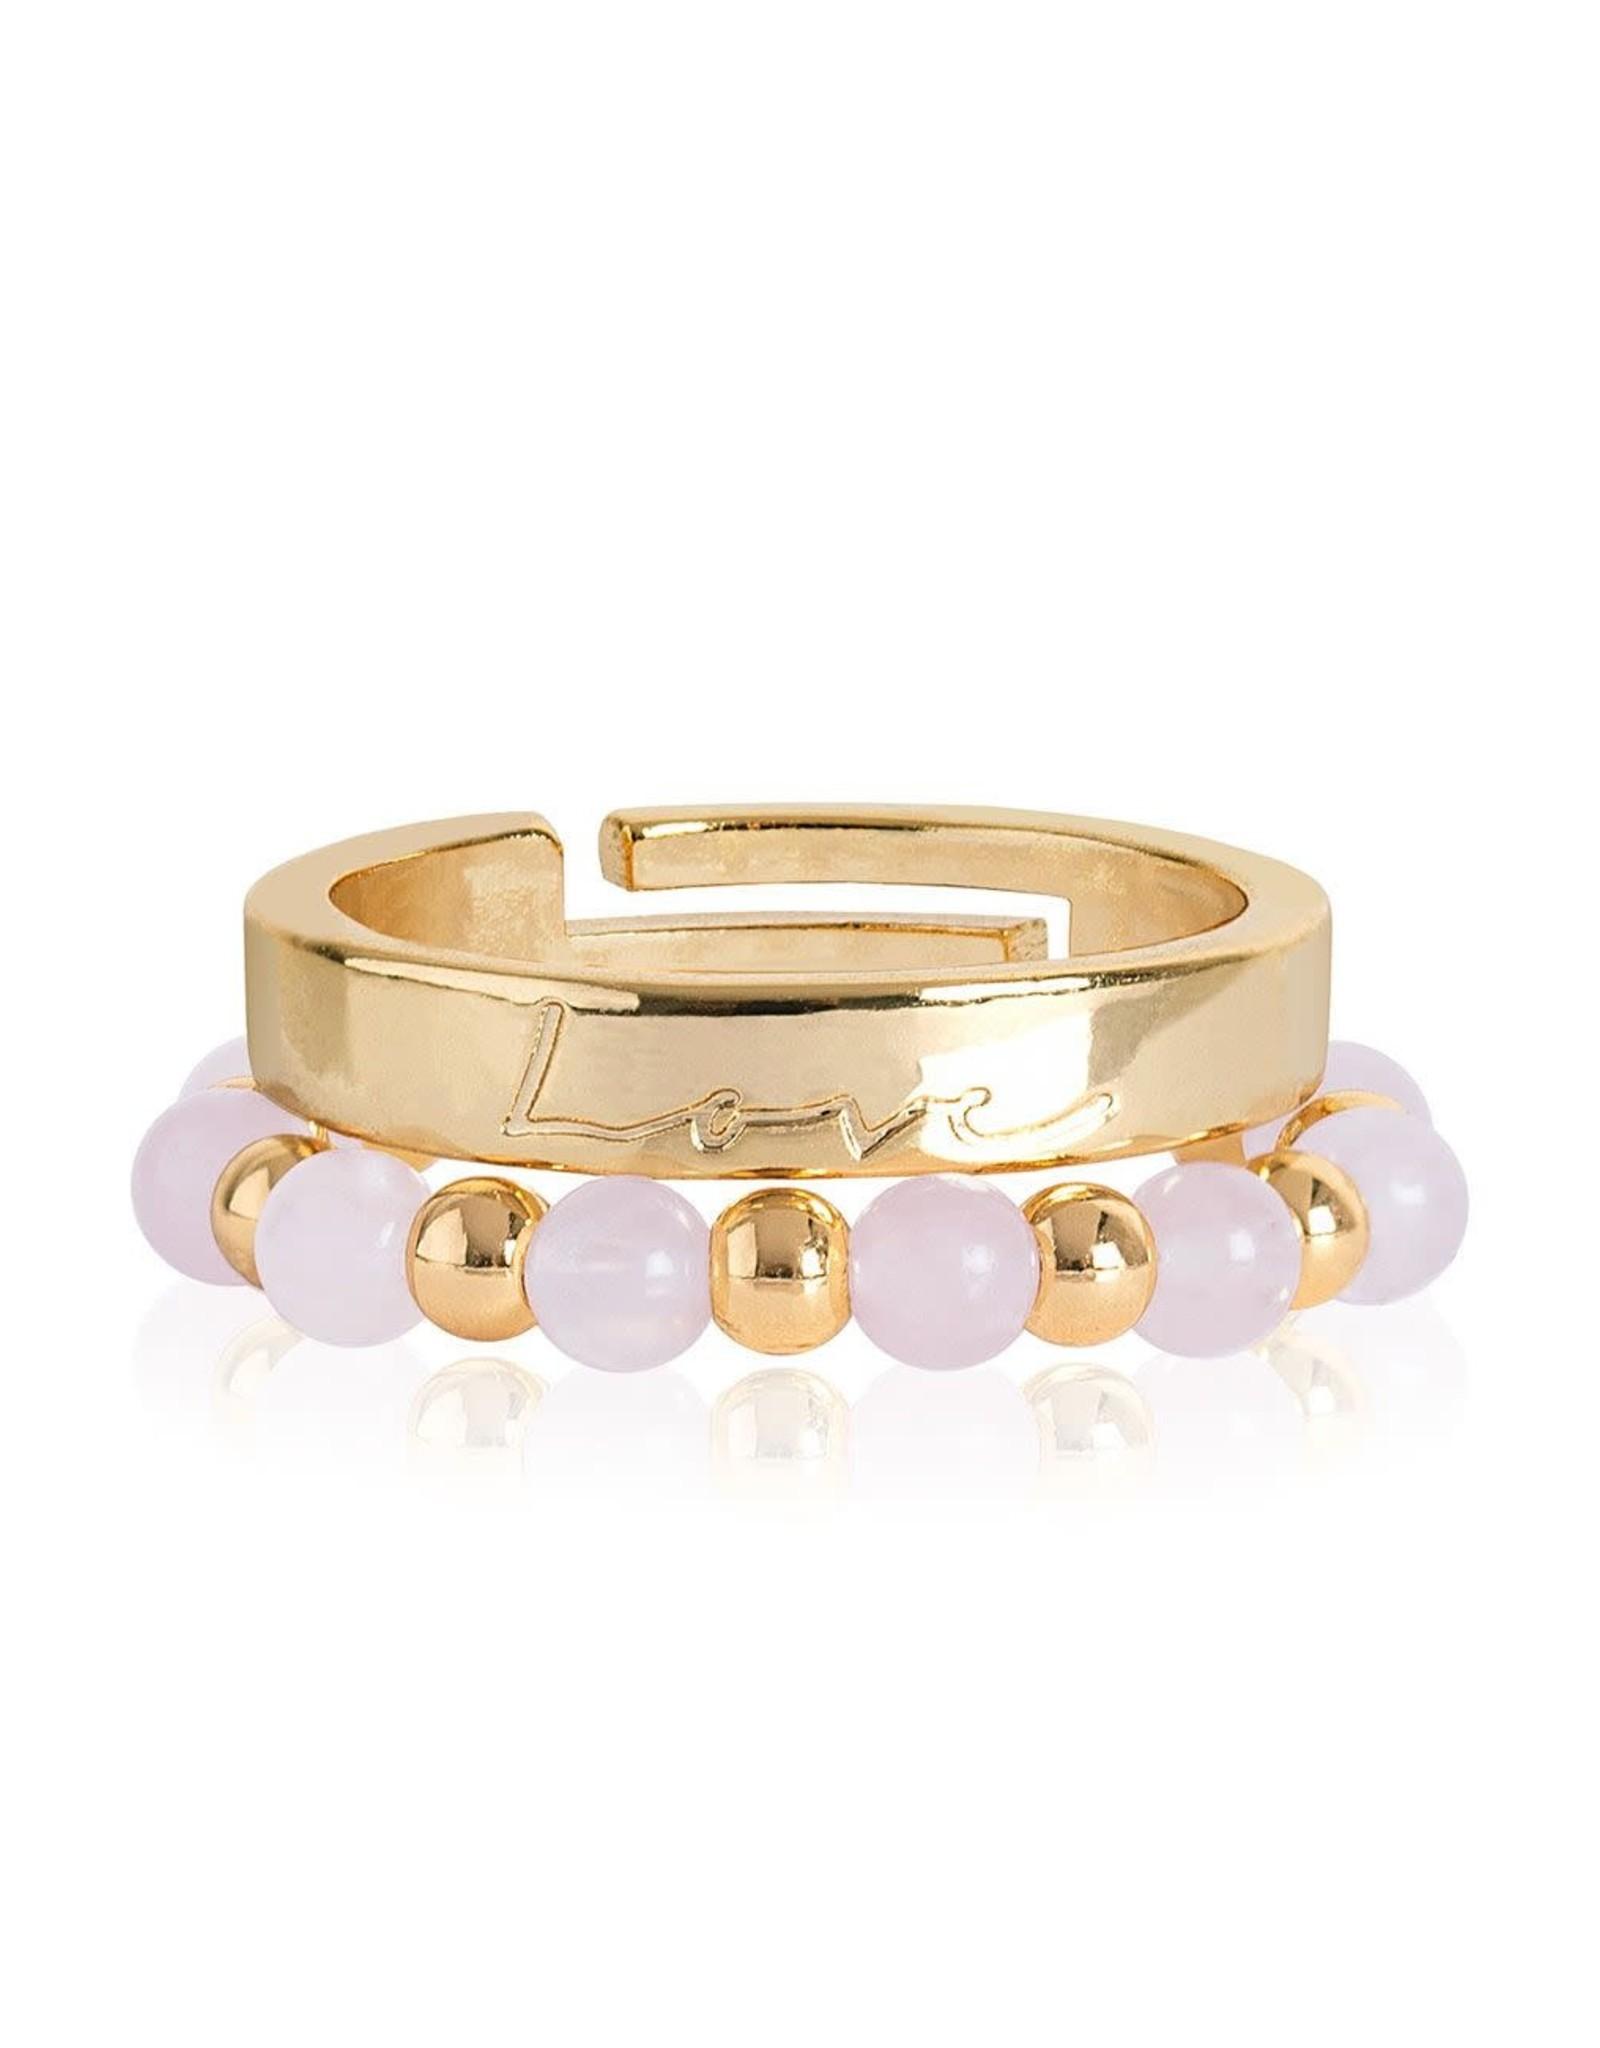 Katie Loxton SIGNATURE STONES - LOVE RINGS - gold/rose quartz